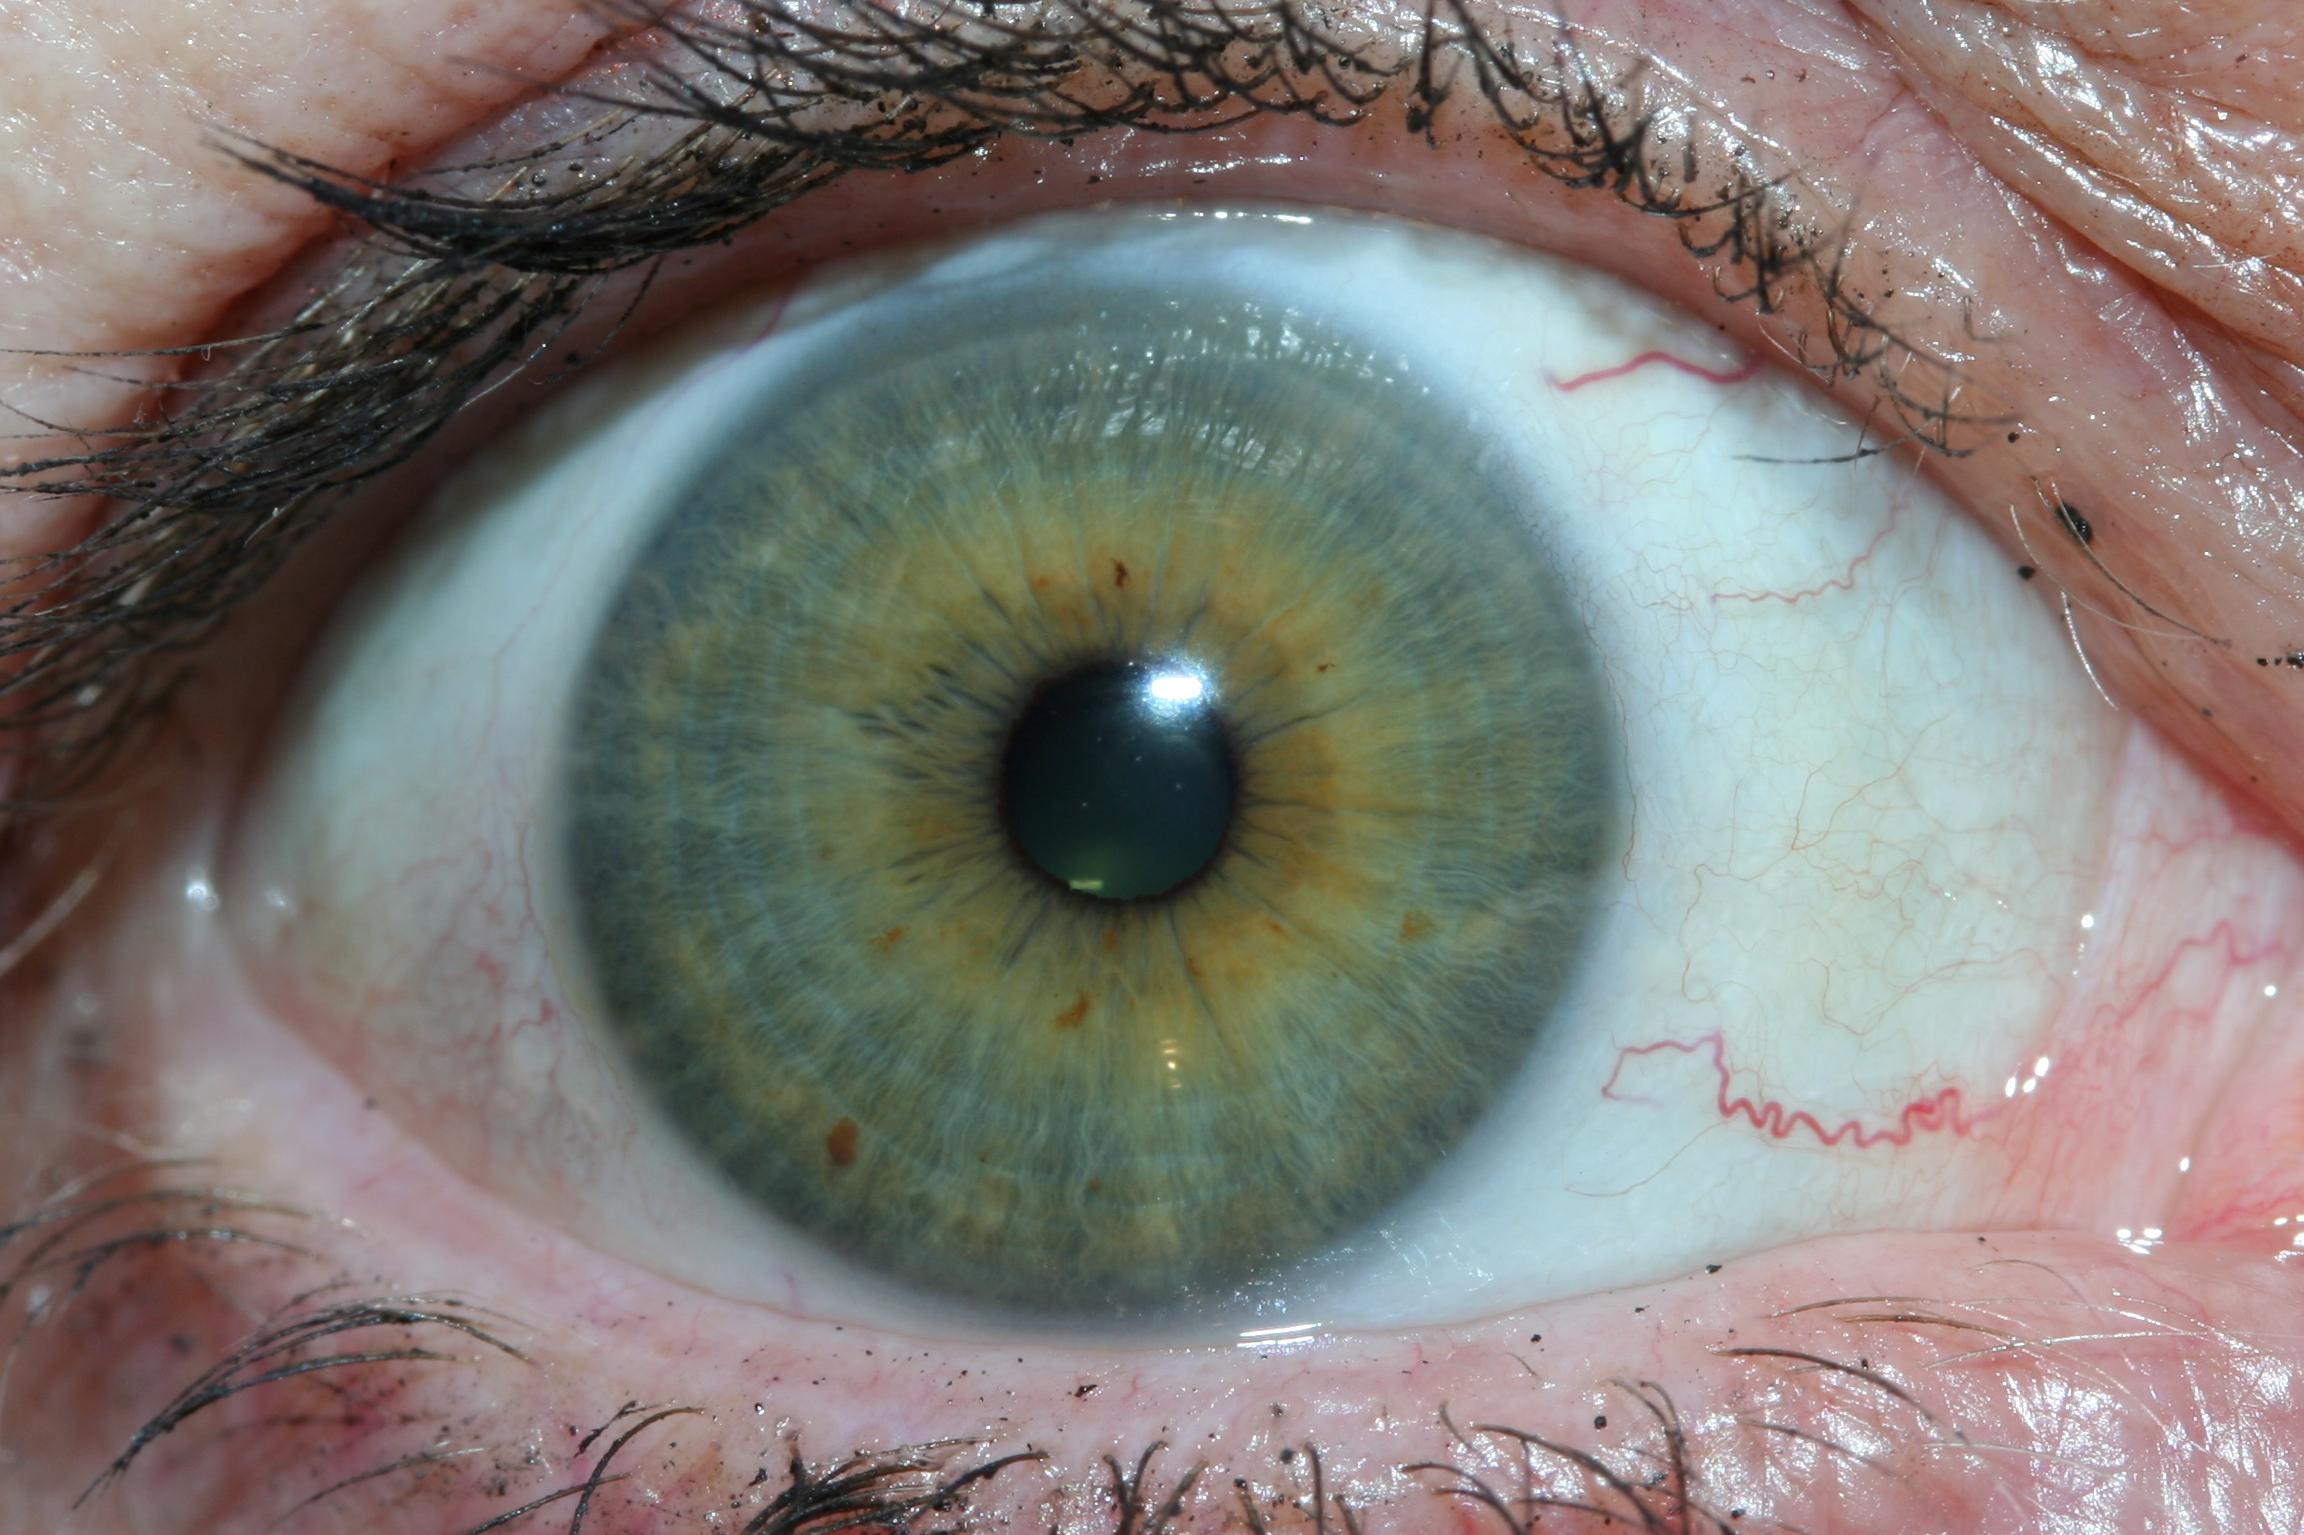 iridology eys images 5